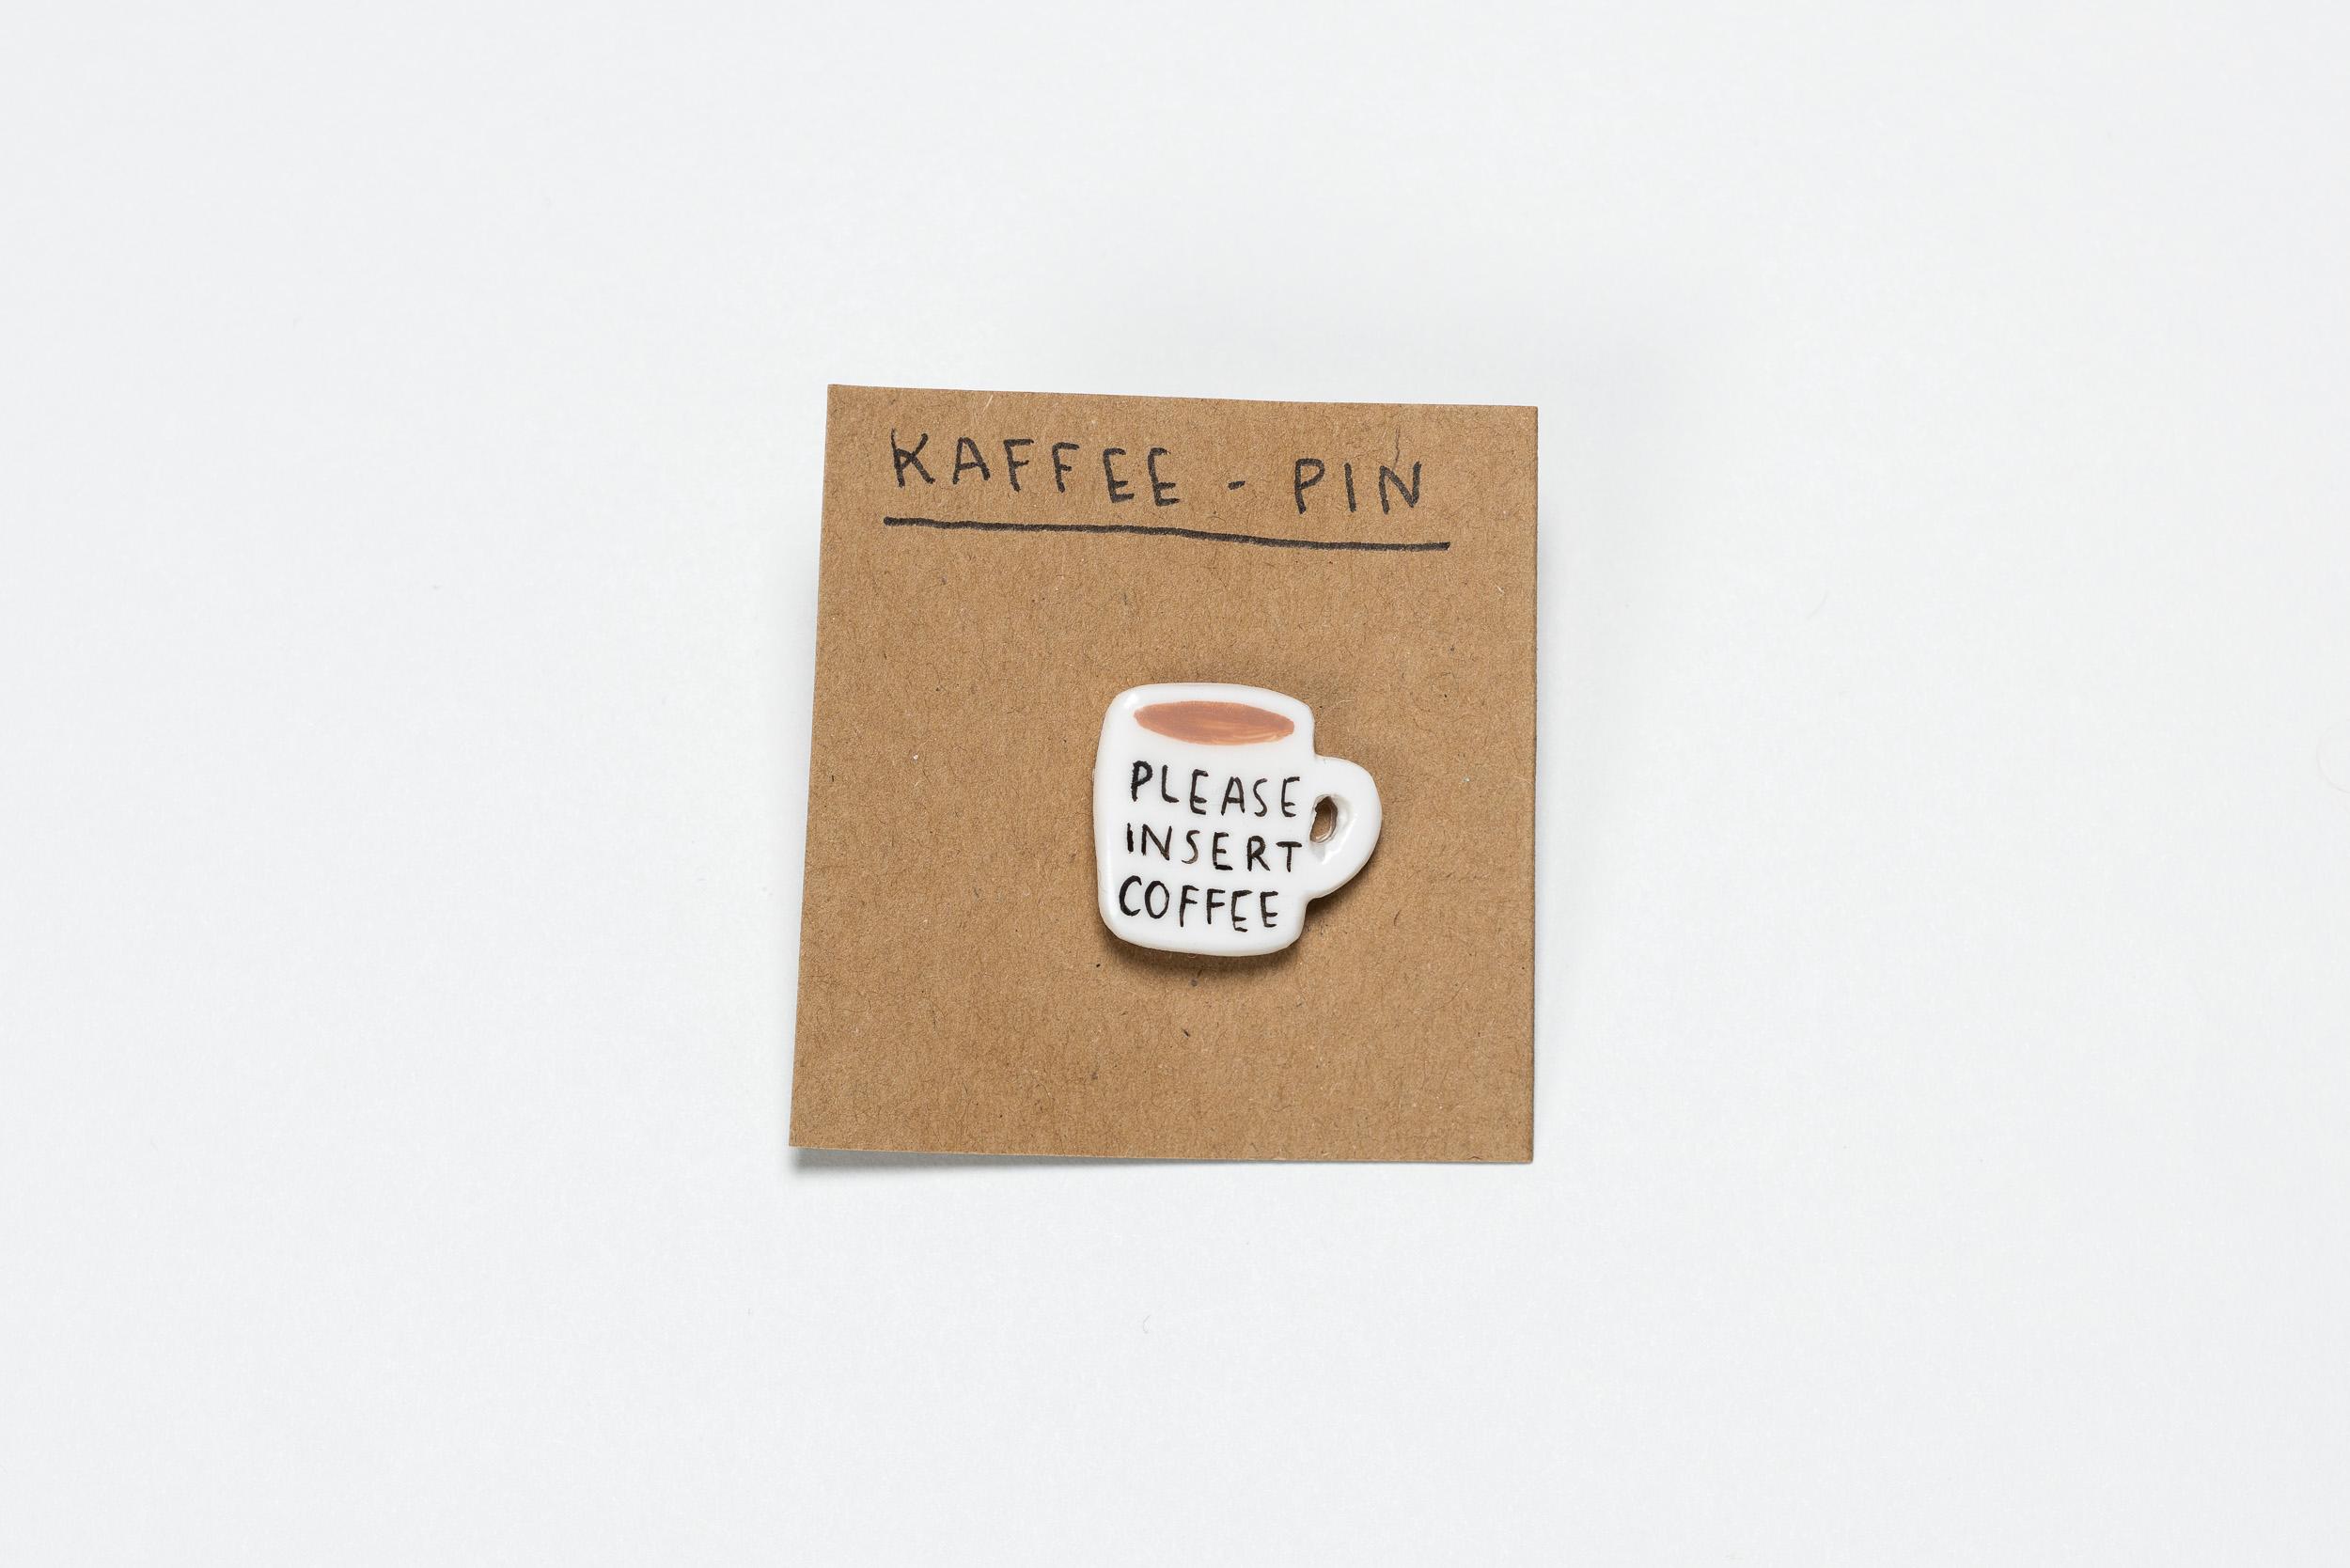 Kaffee-Pin von Alexa malt